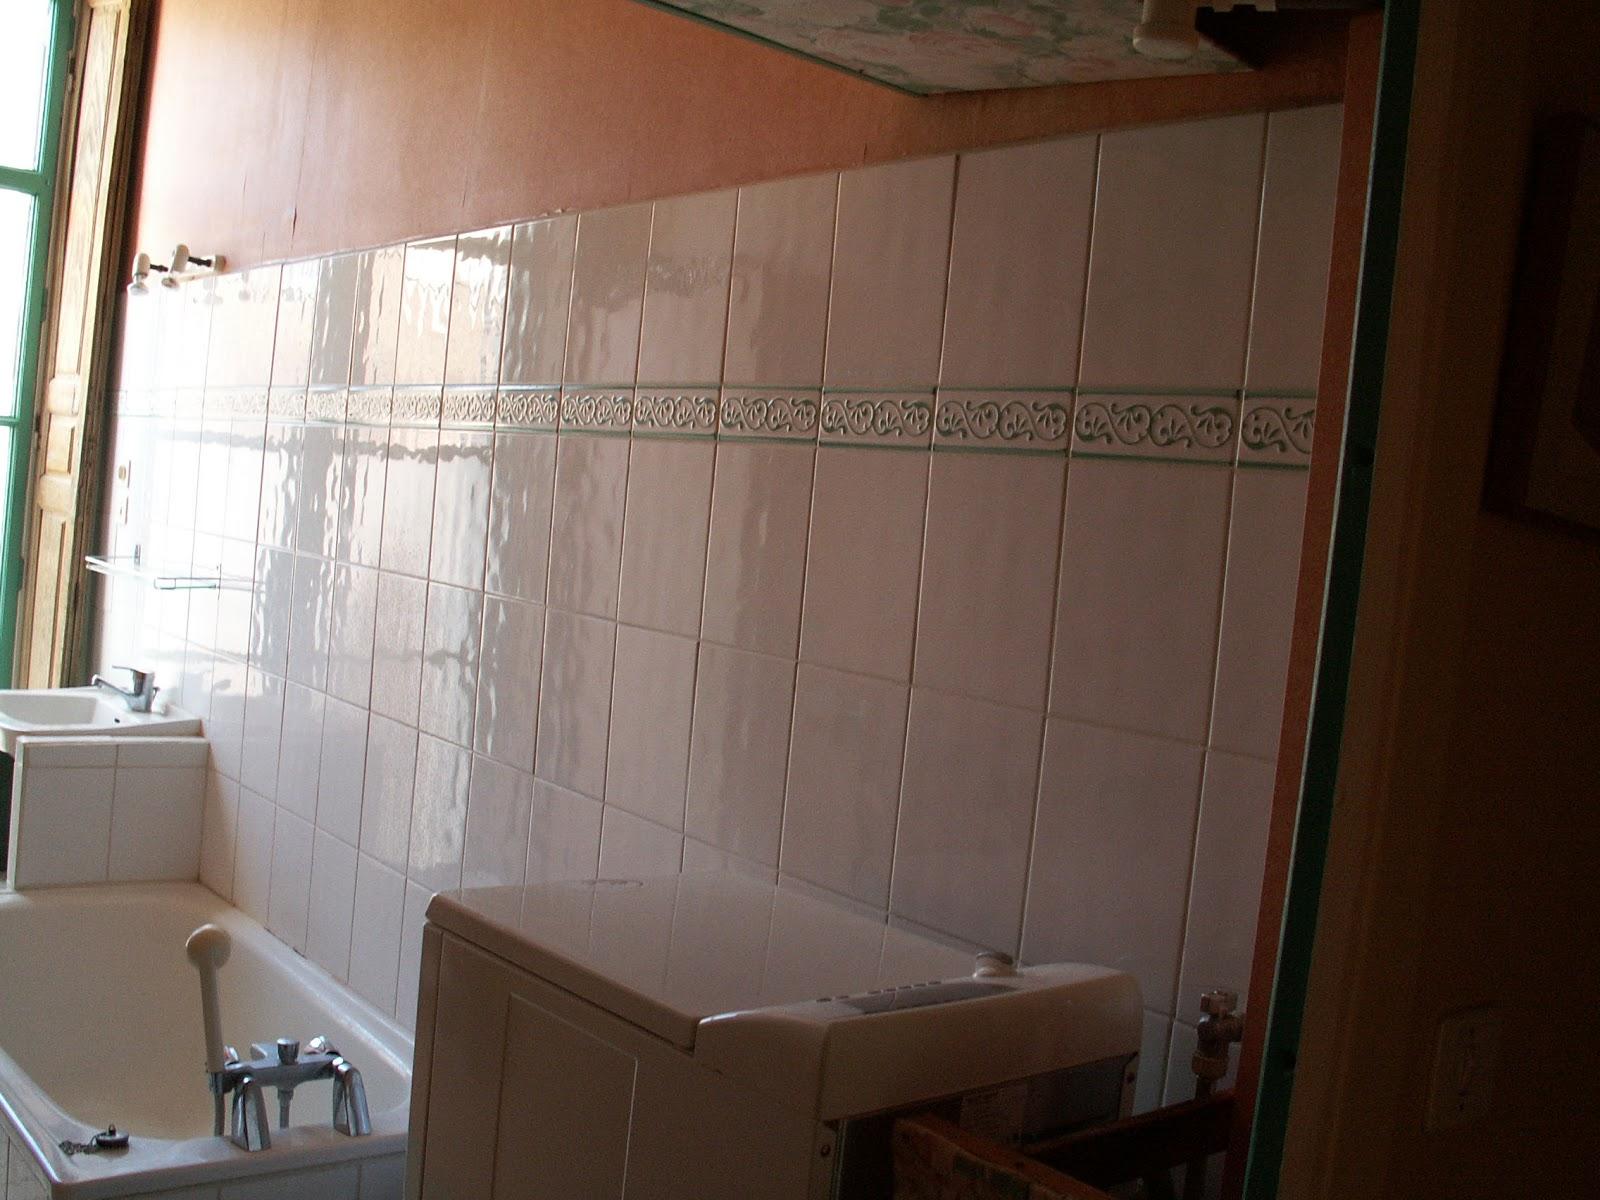 Salle de bain 33x33 noir au sol, fau00efence 25x40 blanche ...